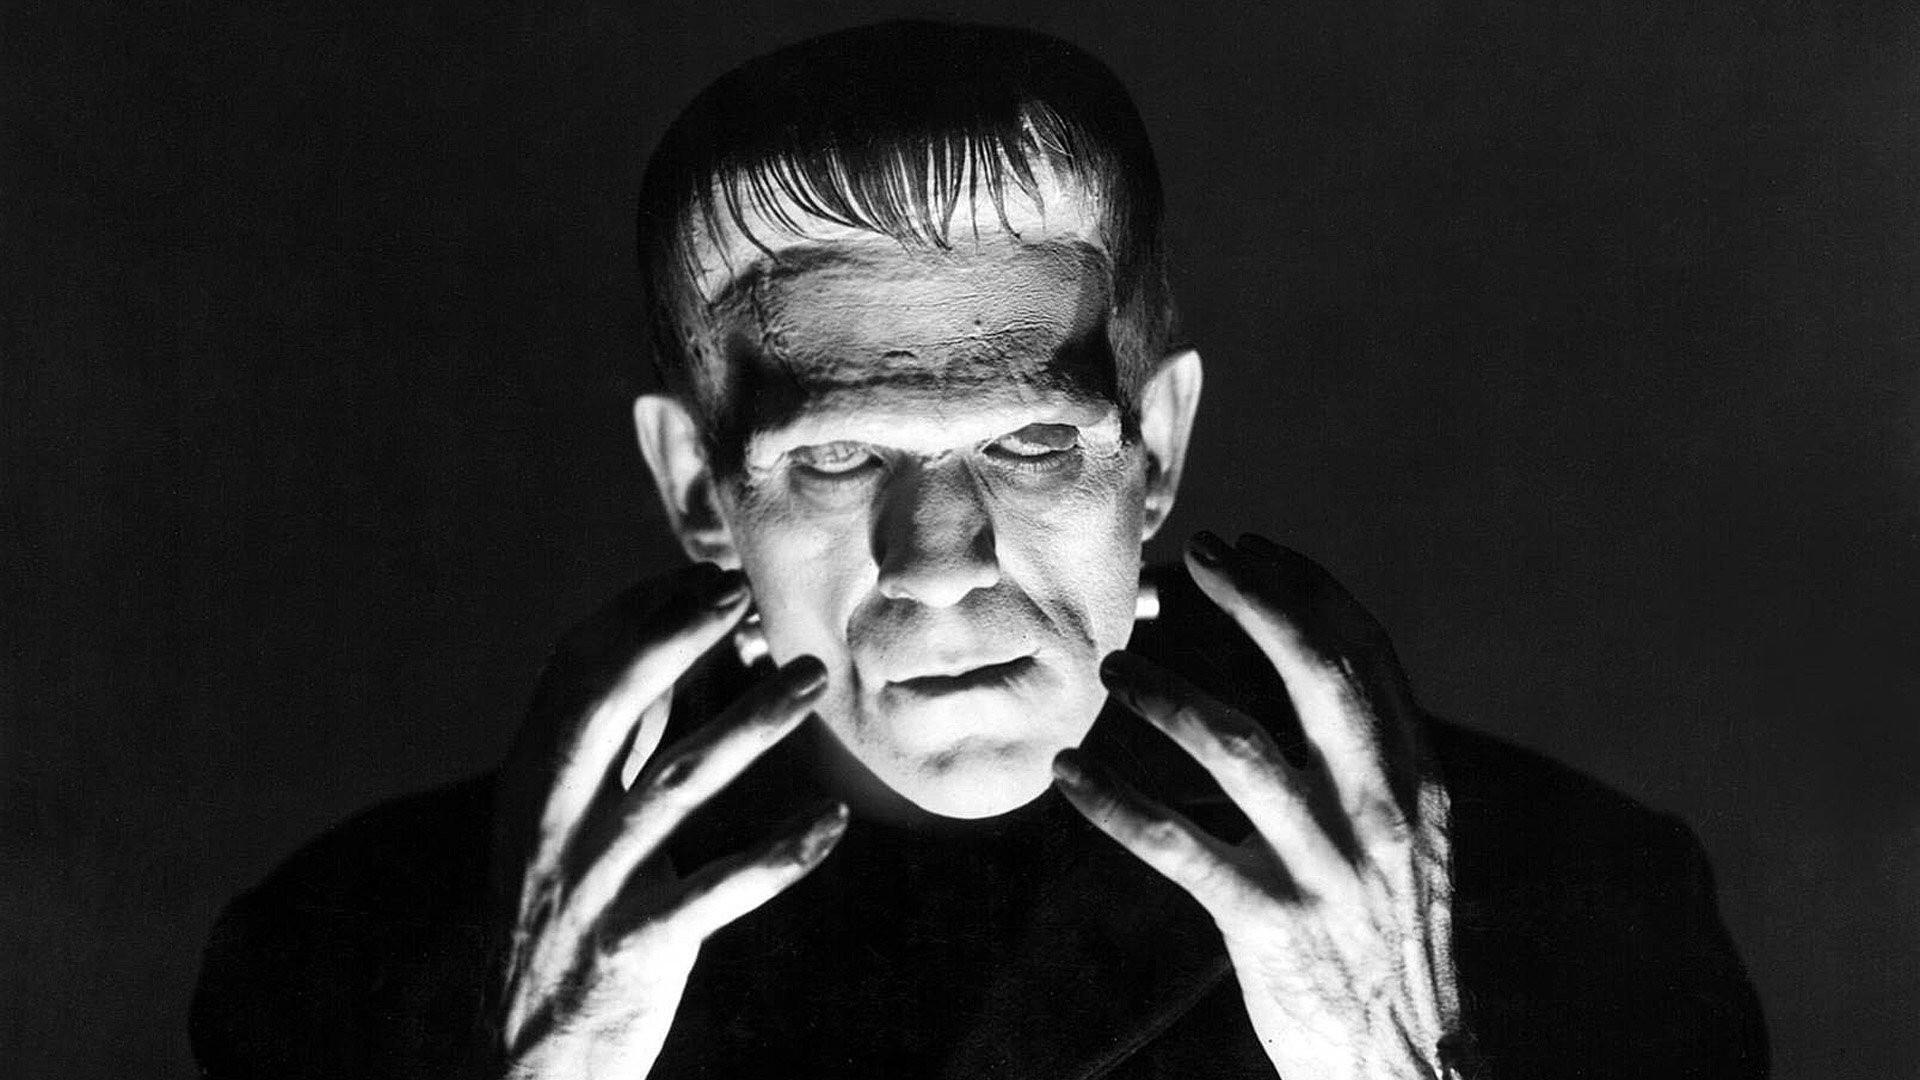 Frankenstein Wallpaper Frankenstein Poster Movie Wallpapers 1920x1080